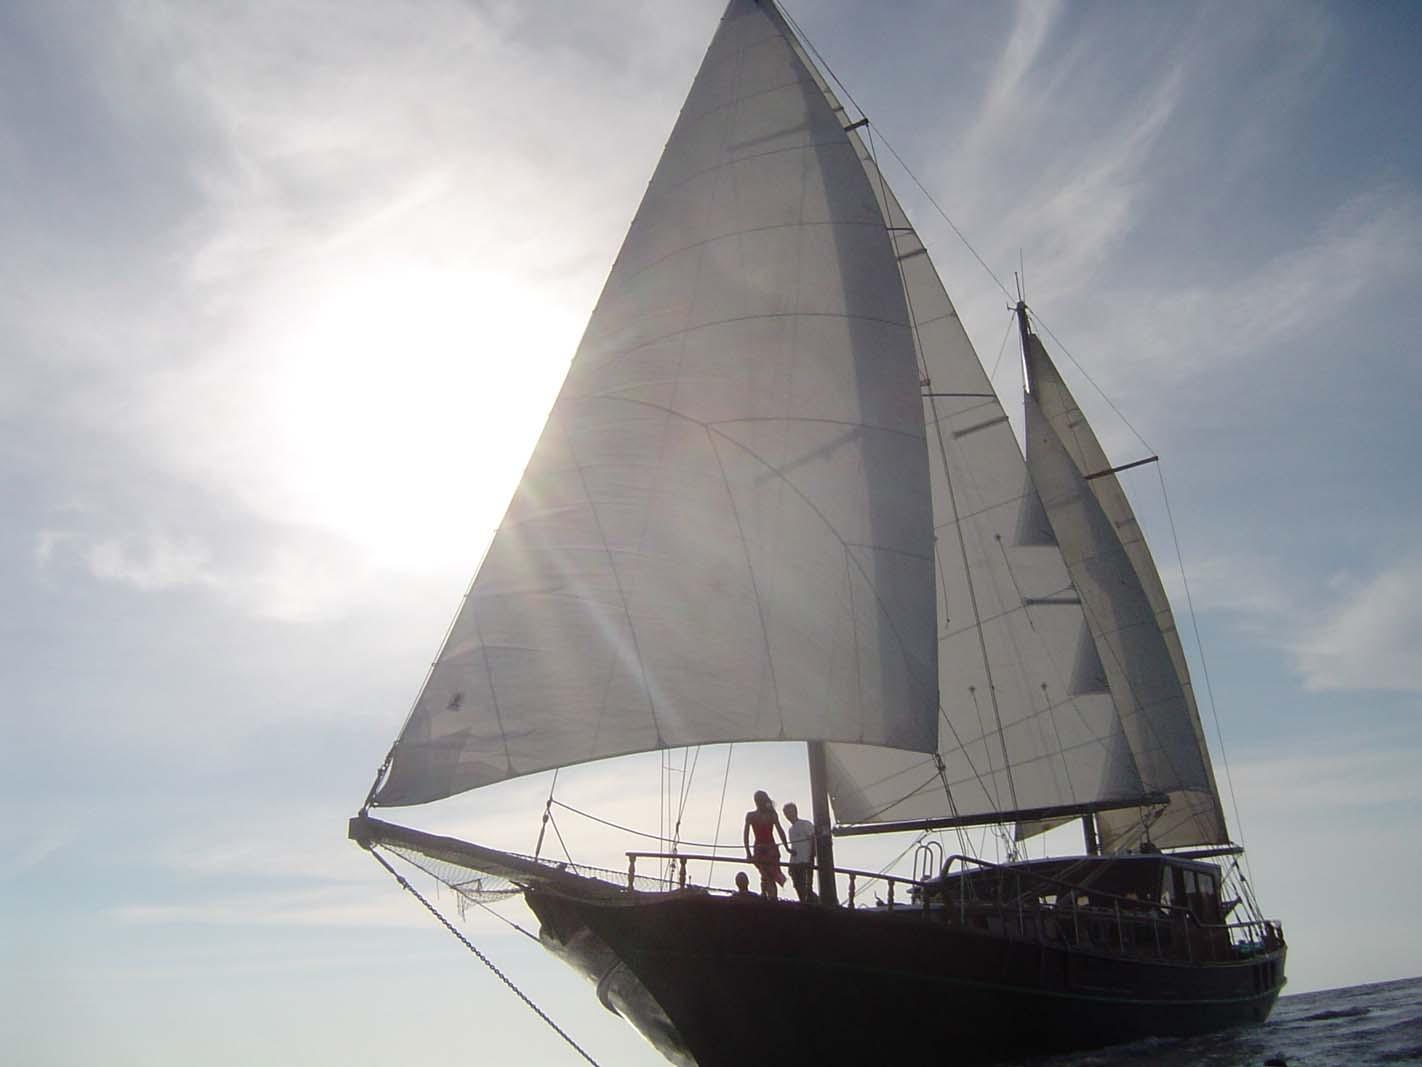 Charter Yacht SAMSARA - Turkish Gulet - 4 Cabins - Andraxt - Mallorca